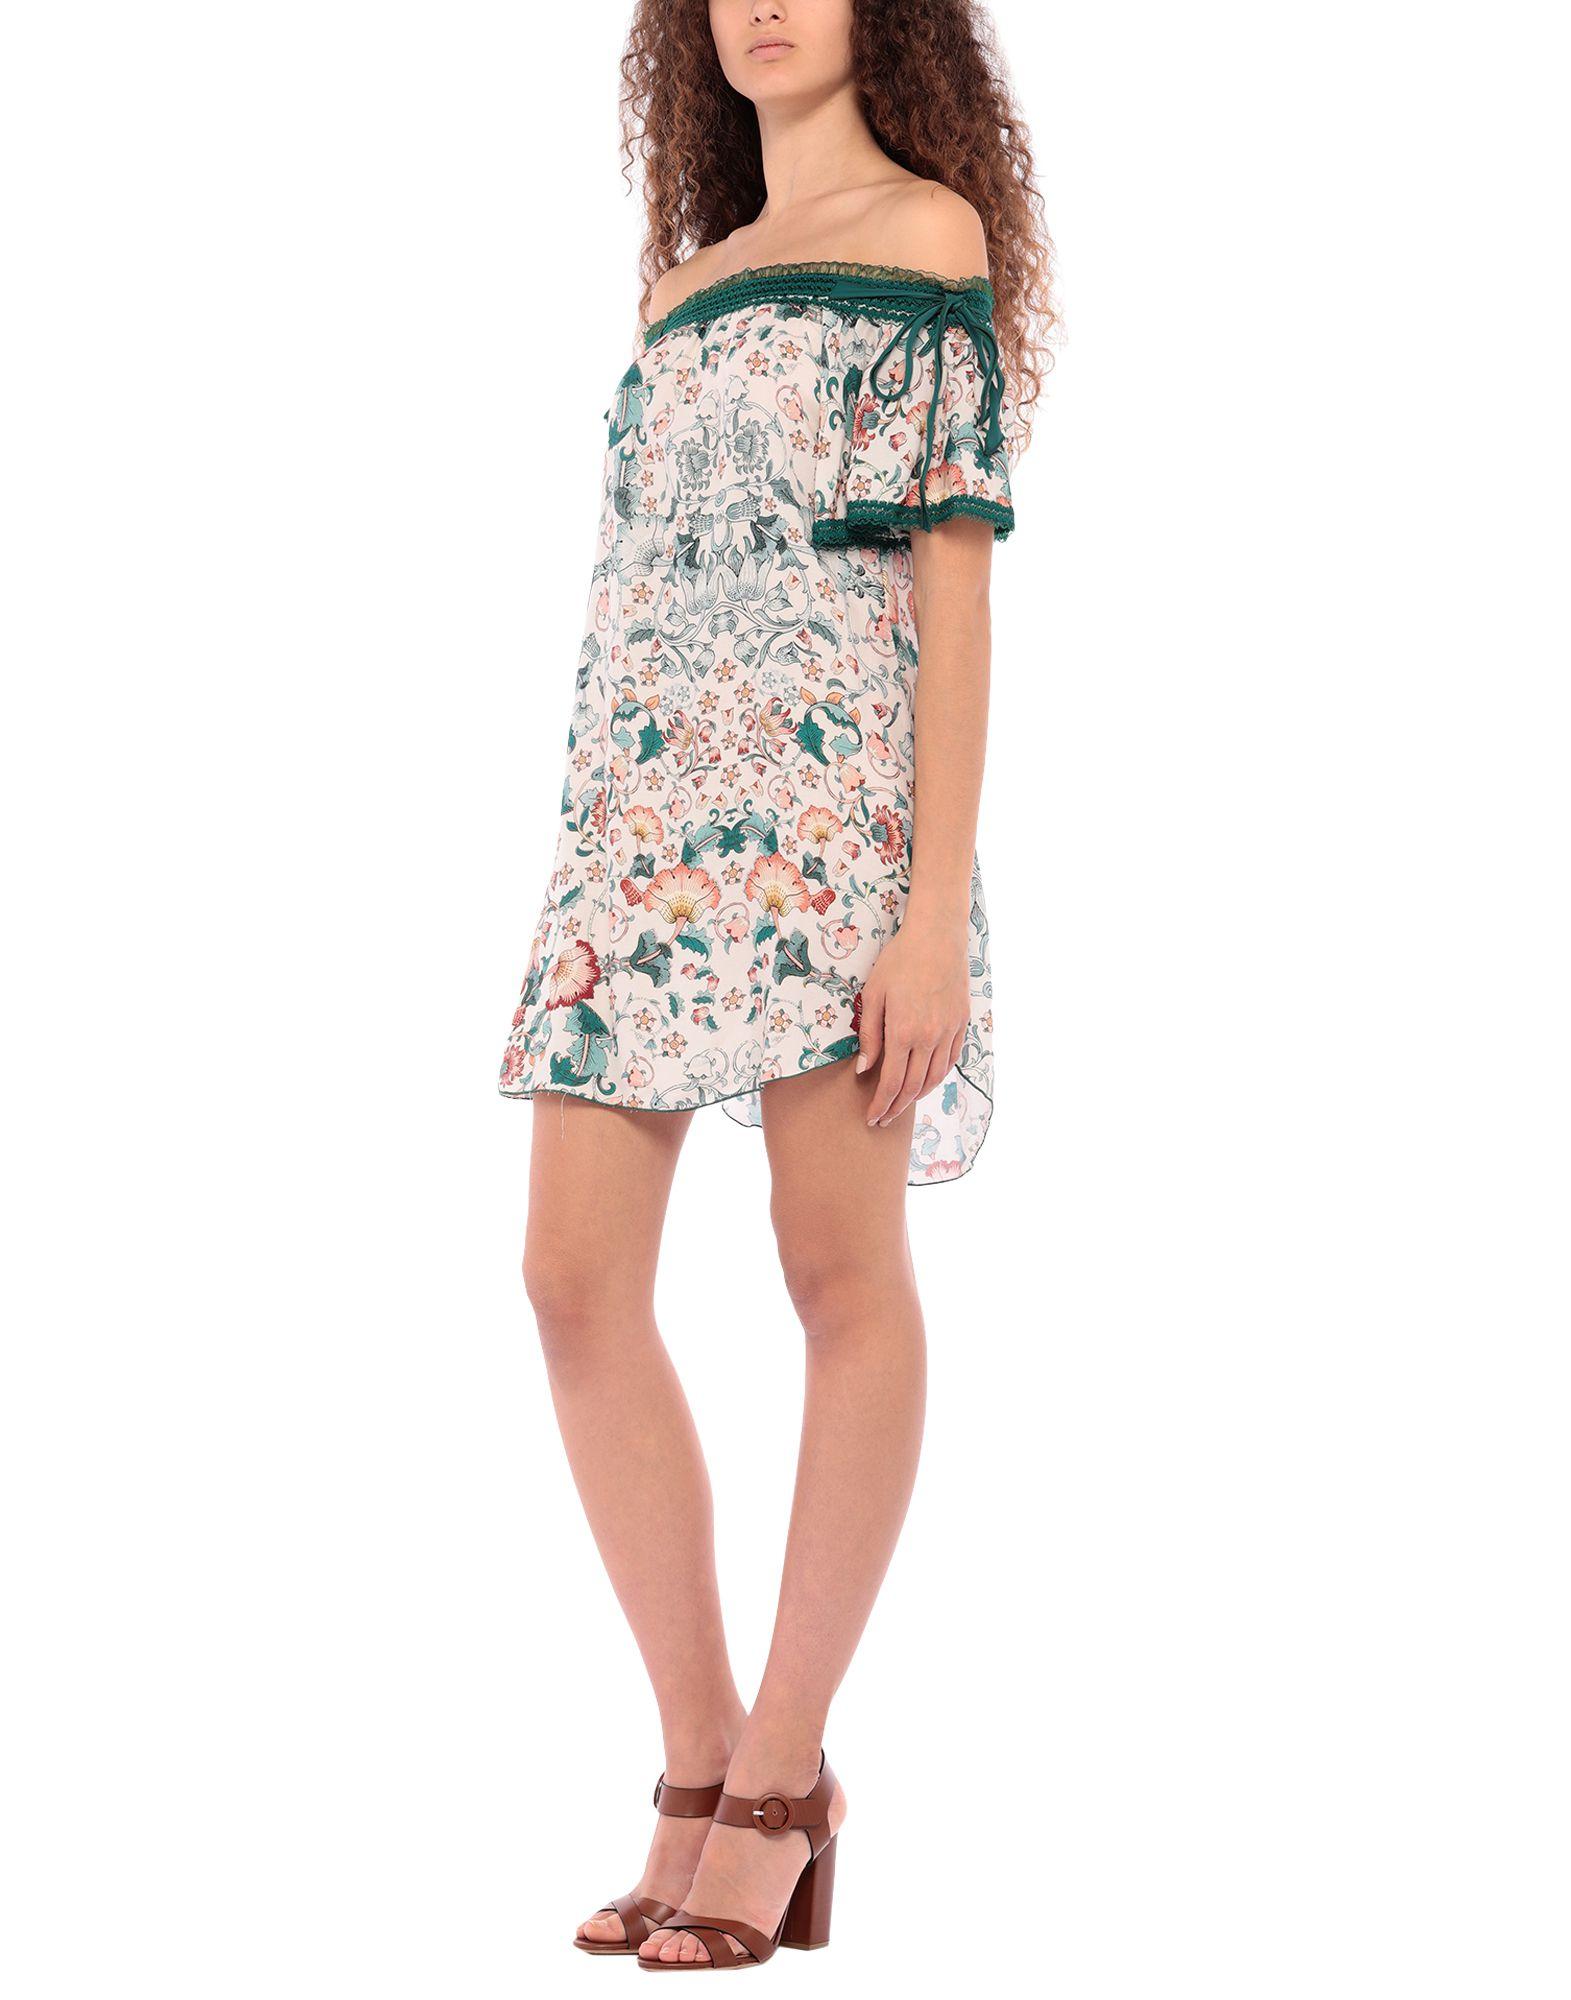 DESPI Пляжное платье